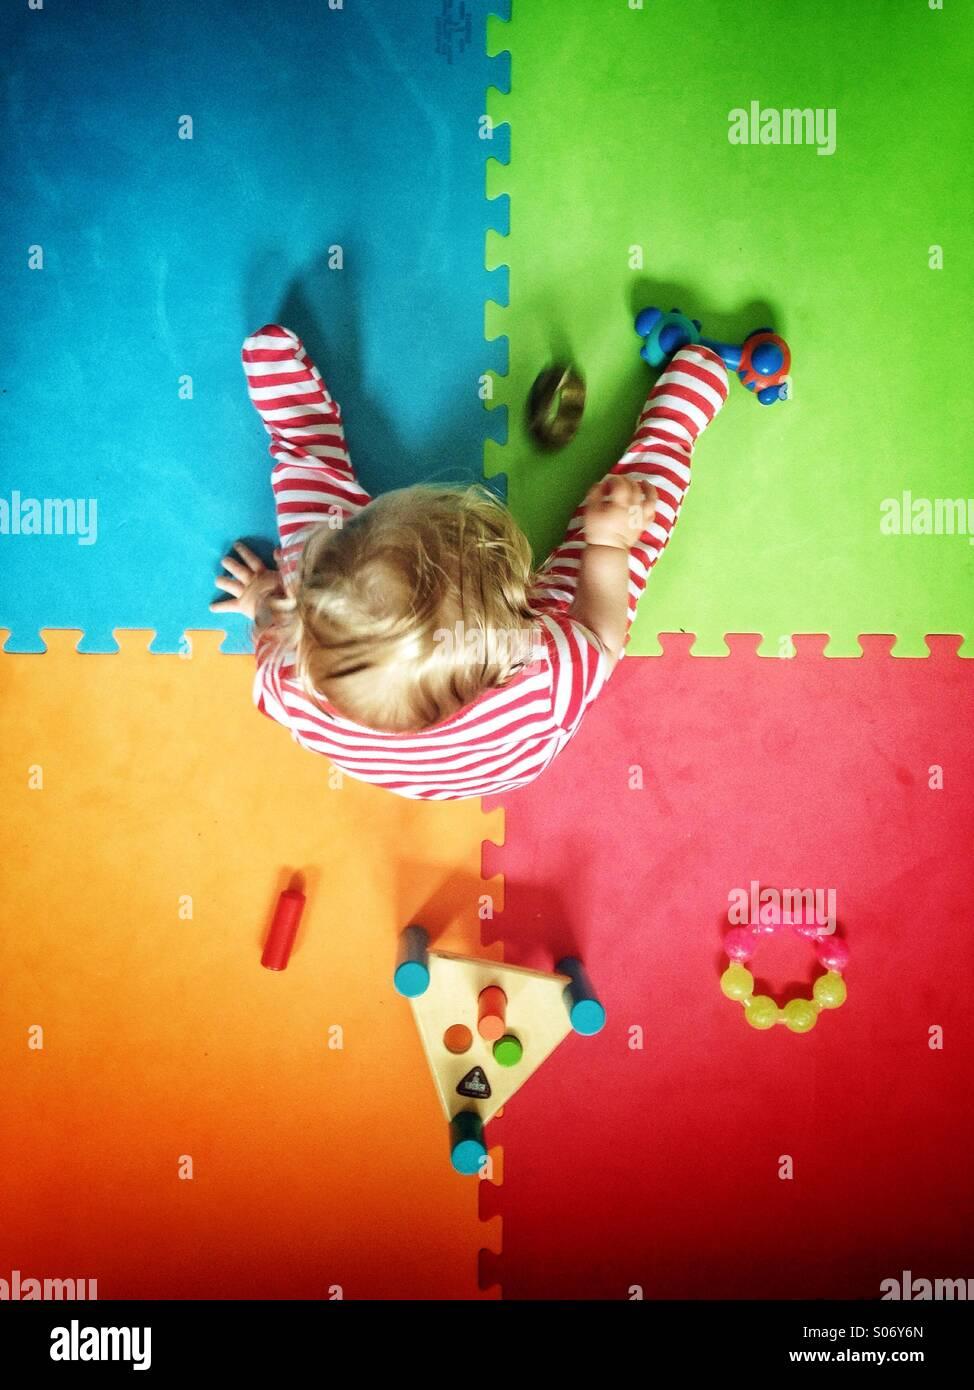 Bebê jogando no tapete colorido play Imagens de Stock